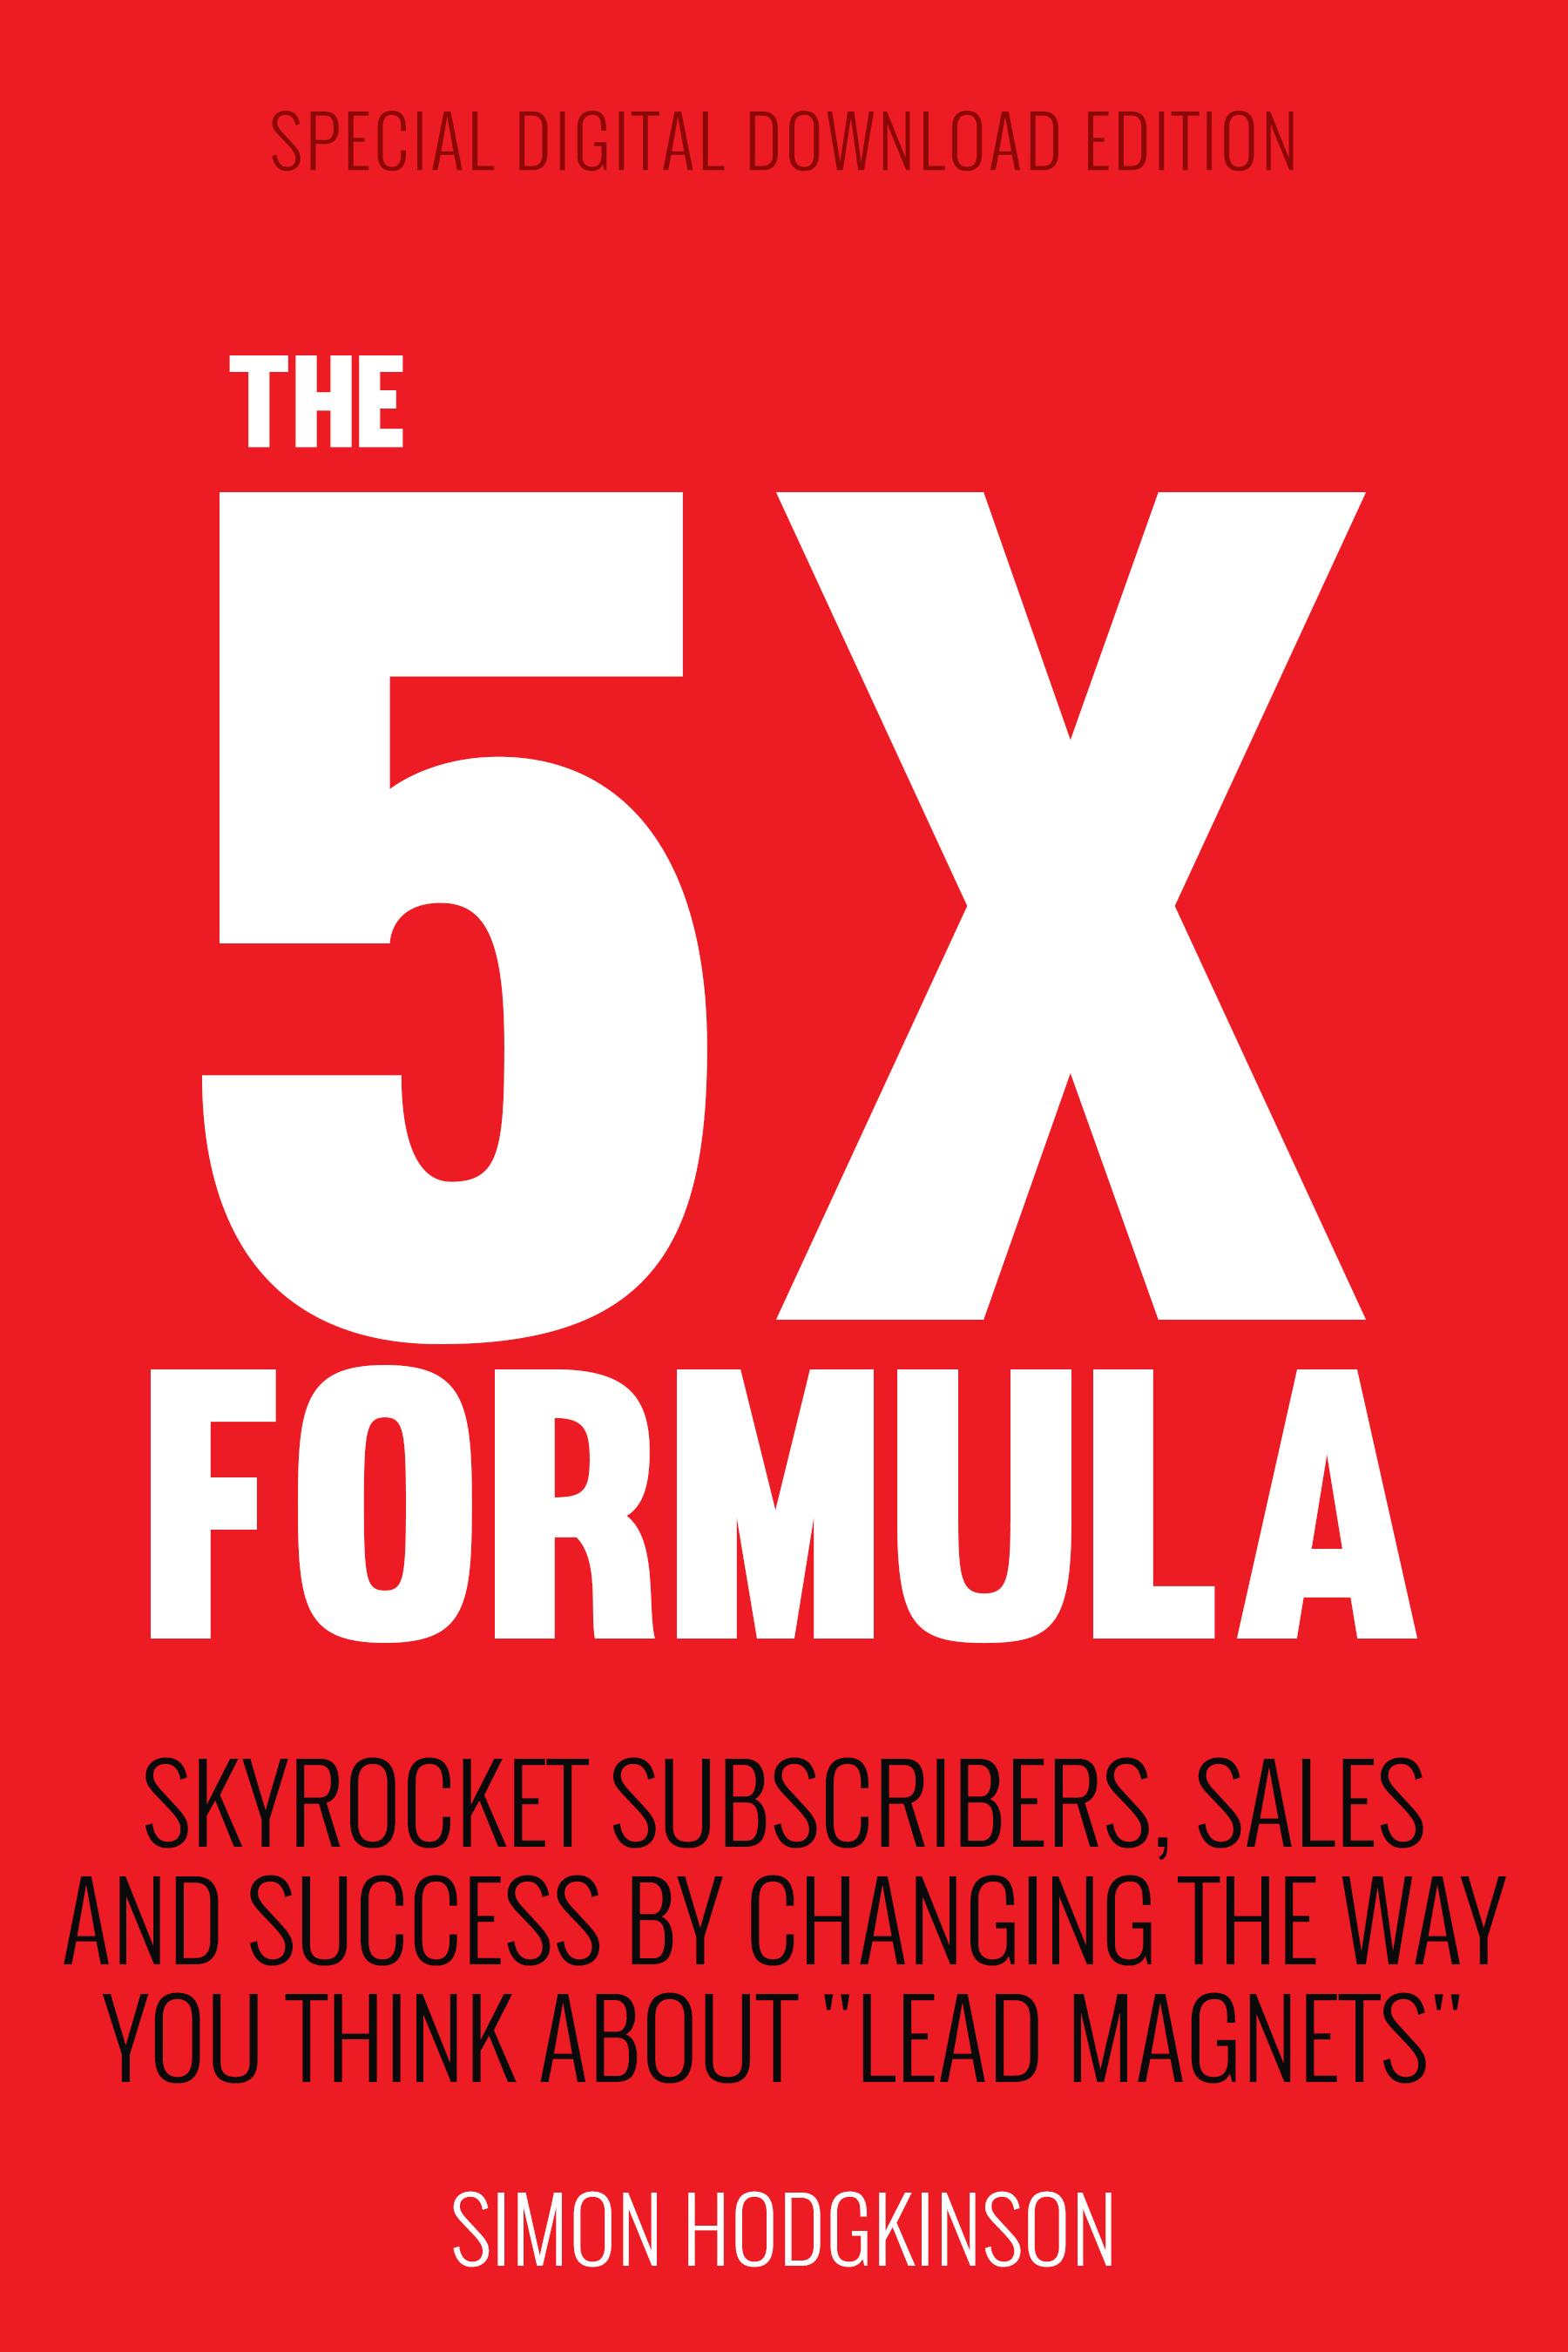 5X FORMULA by Simon Hodgkinson